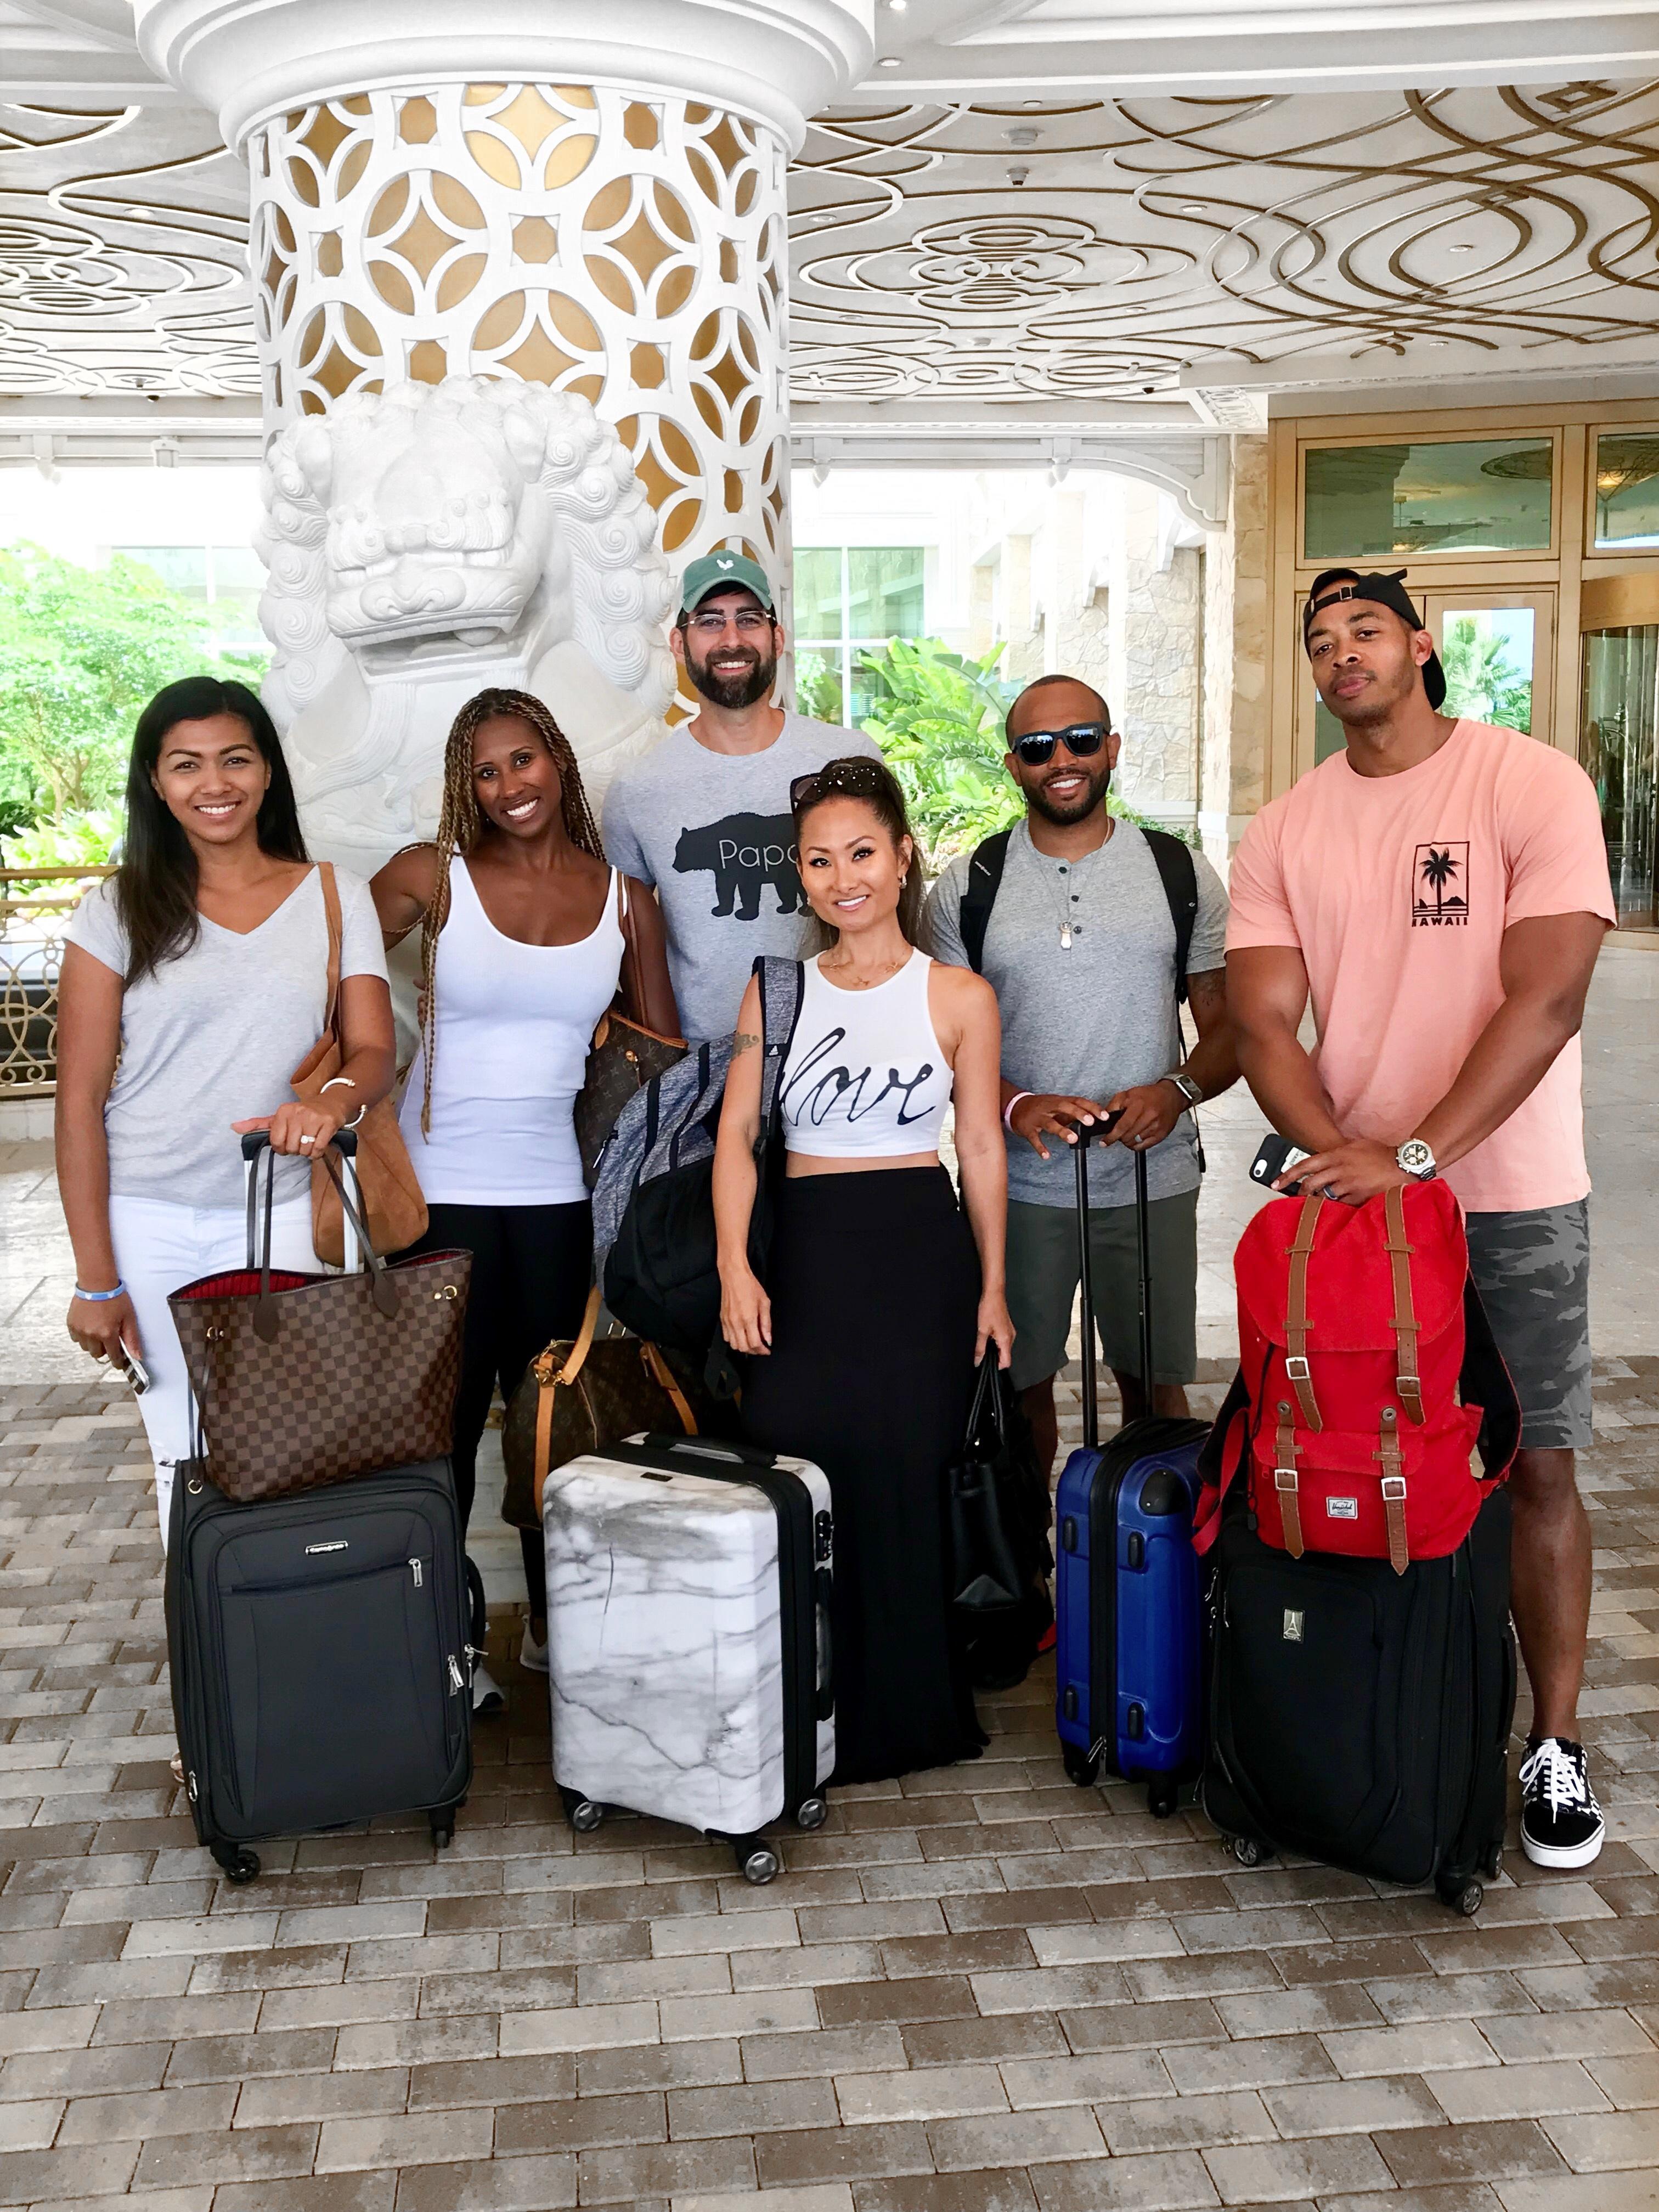 Couples getaway to Baha Mar, couples Caribbean getaway, Baha Mar, Grand Hyatt Baha Mar